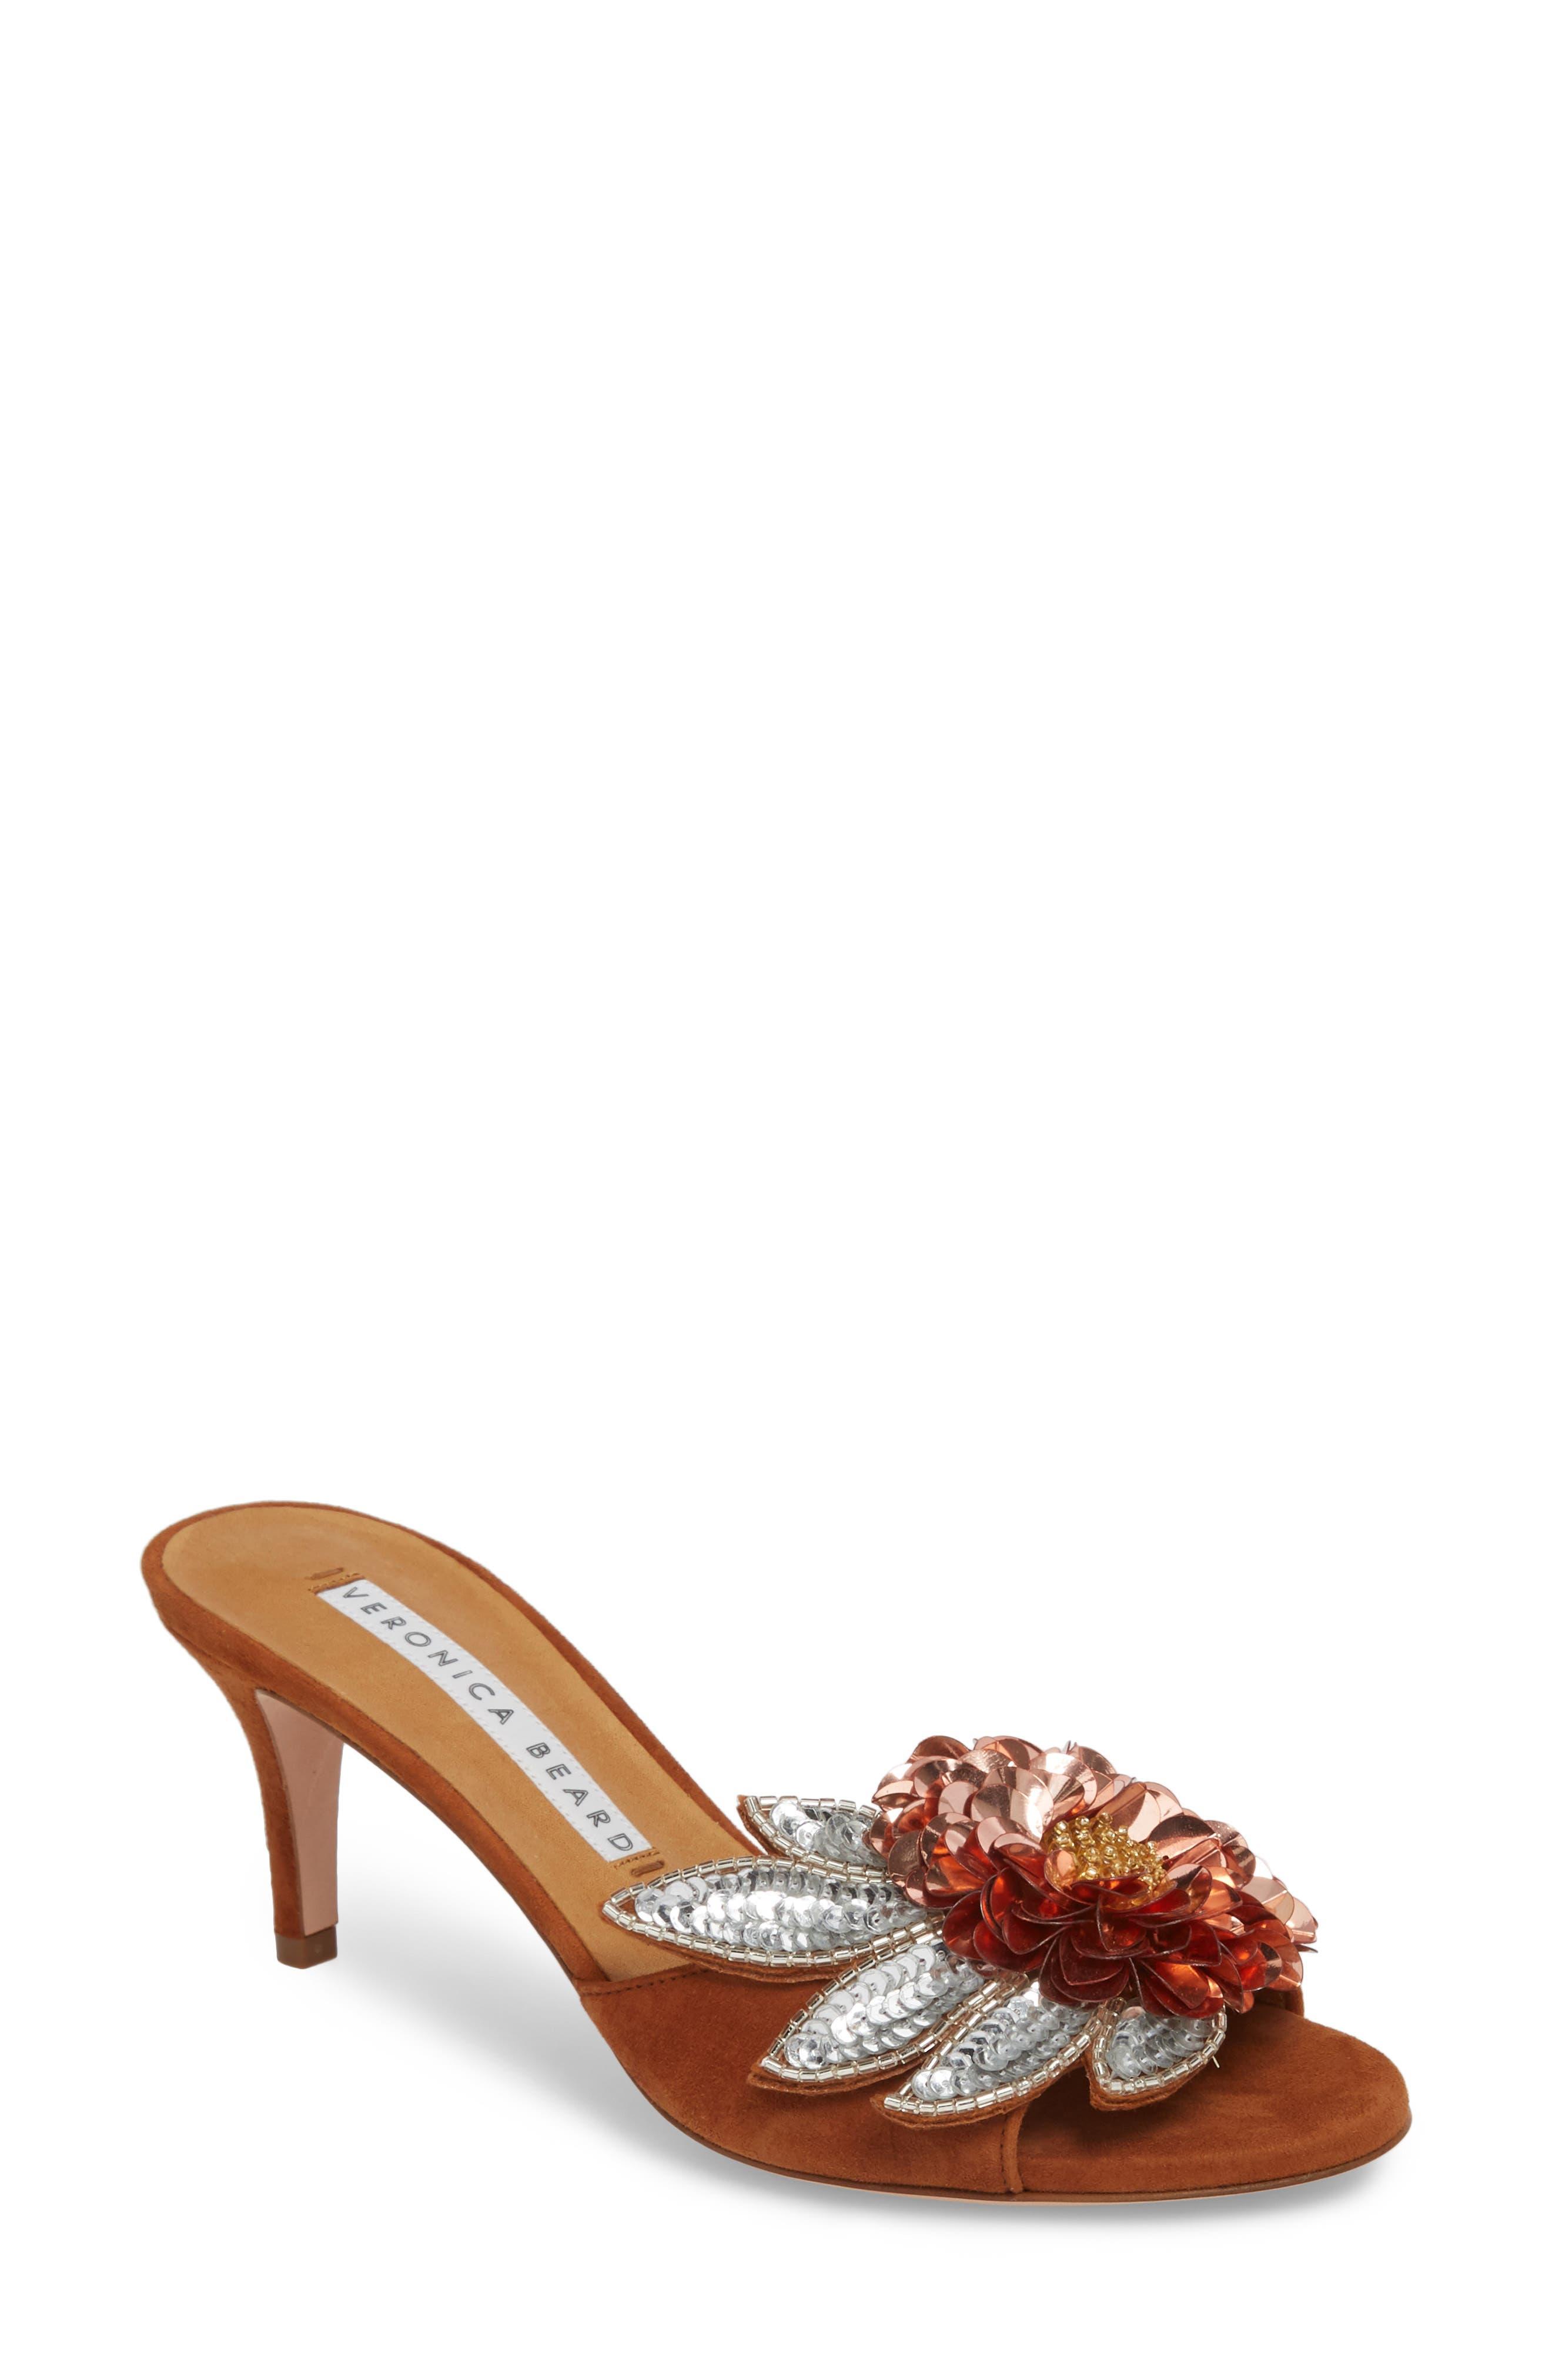 Nev Embellished Slide Sandal,                             Main thumbnail 1, color,                             Cognac